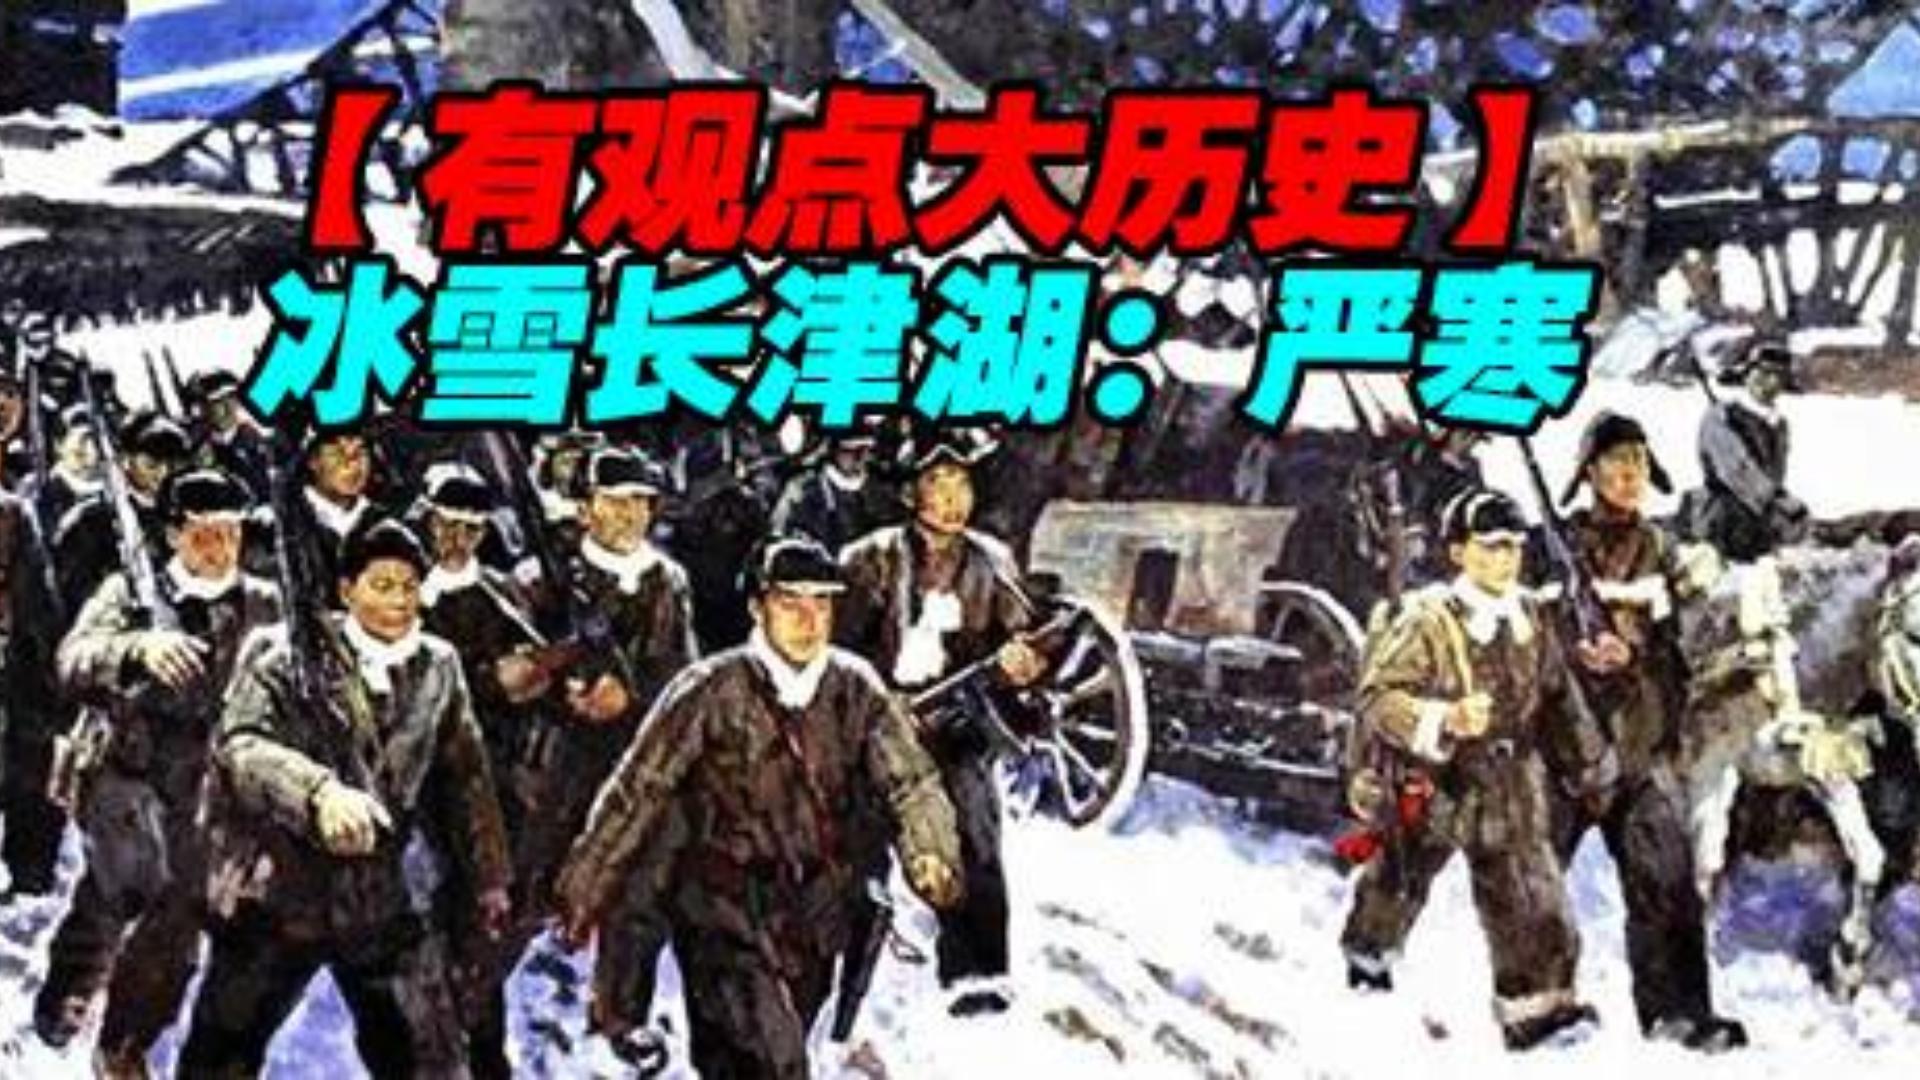 【蕉易&抽奖】朝鲜战争:冰雪长津湖-寒冷